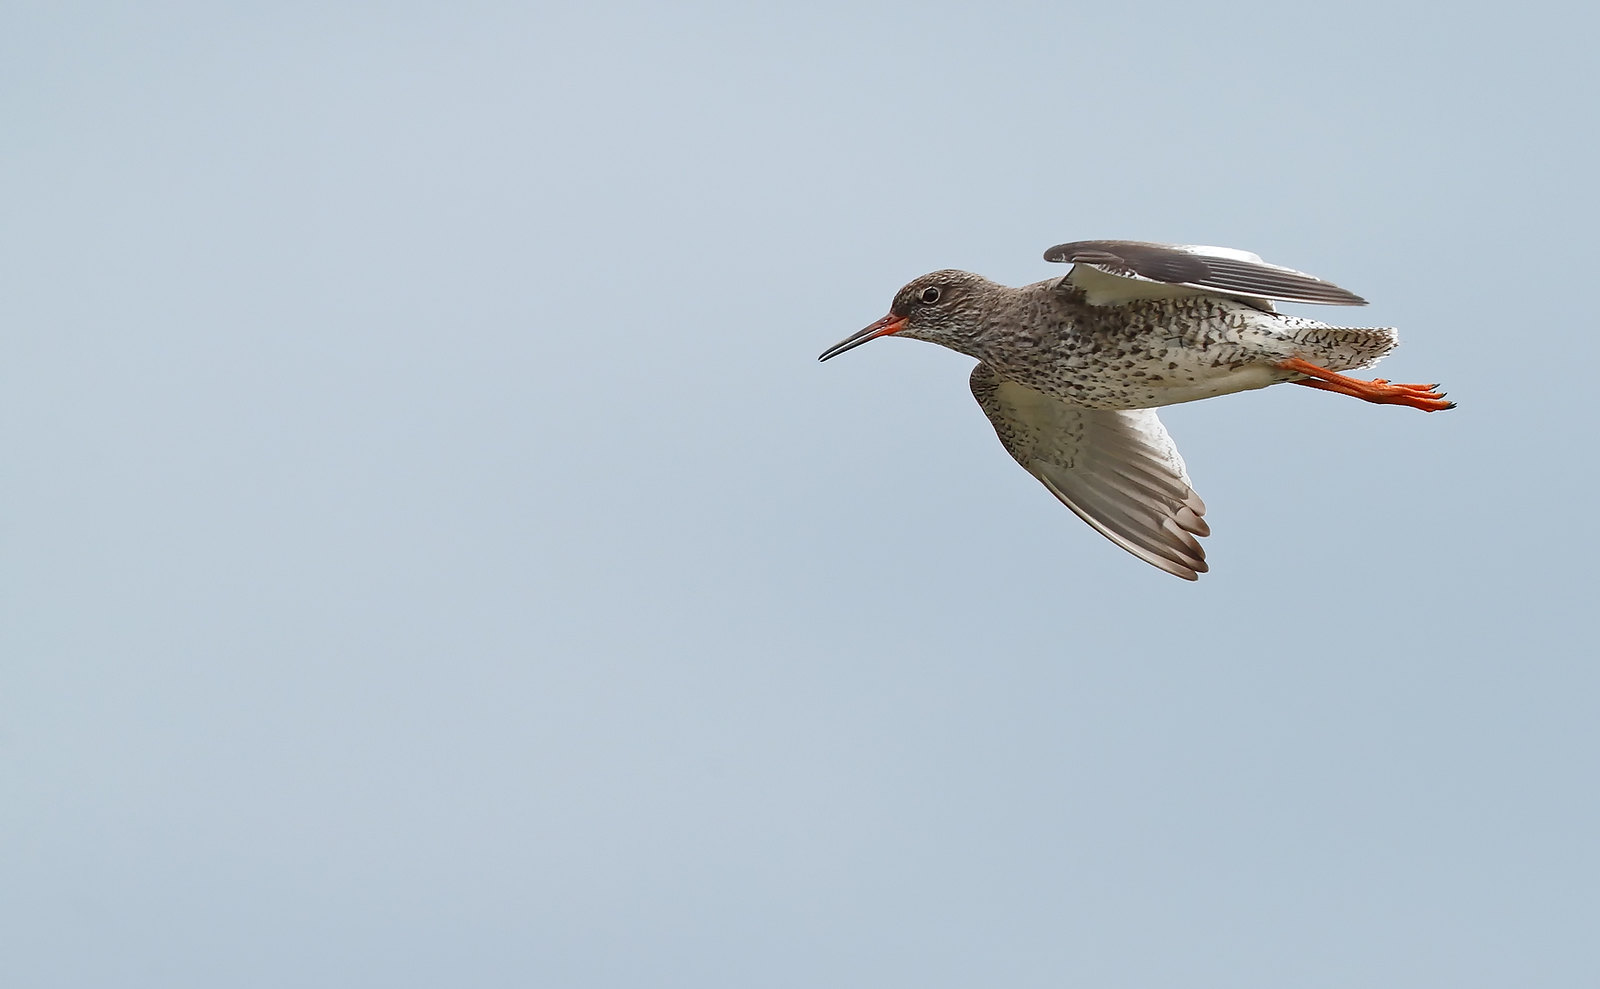 Redshank displaying